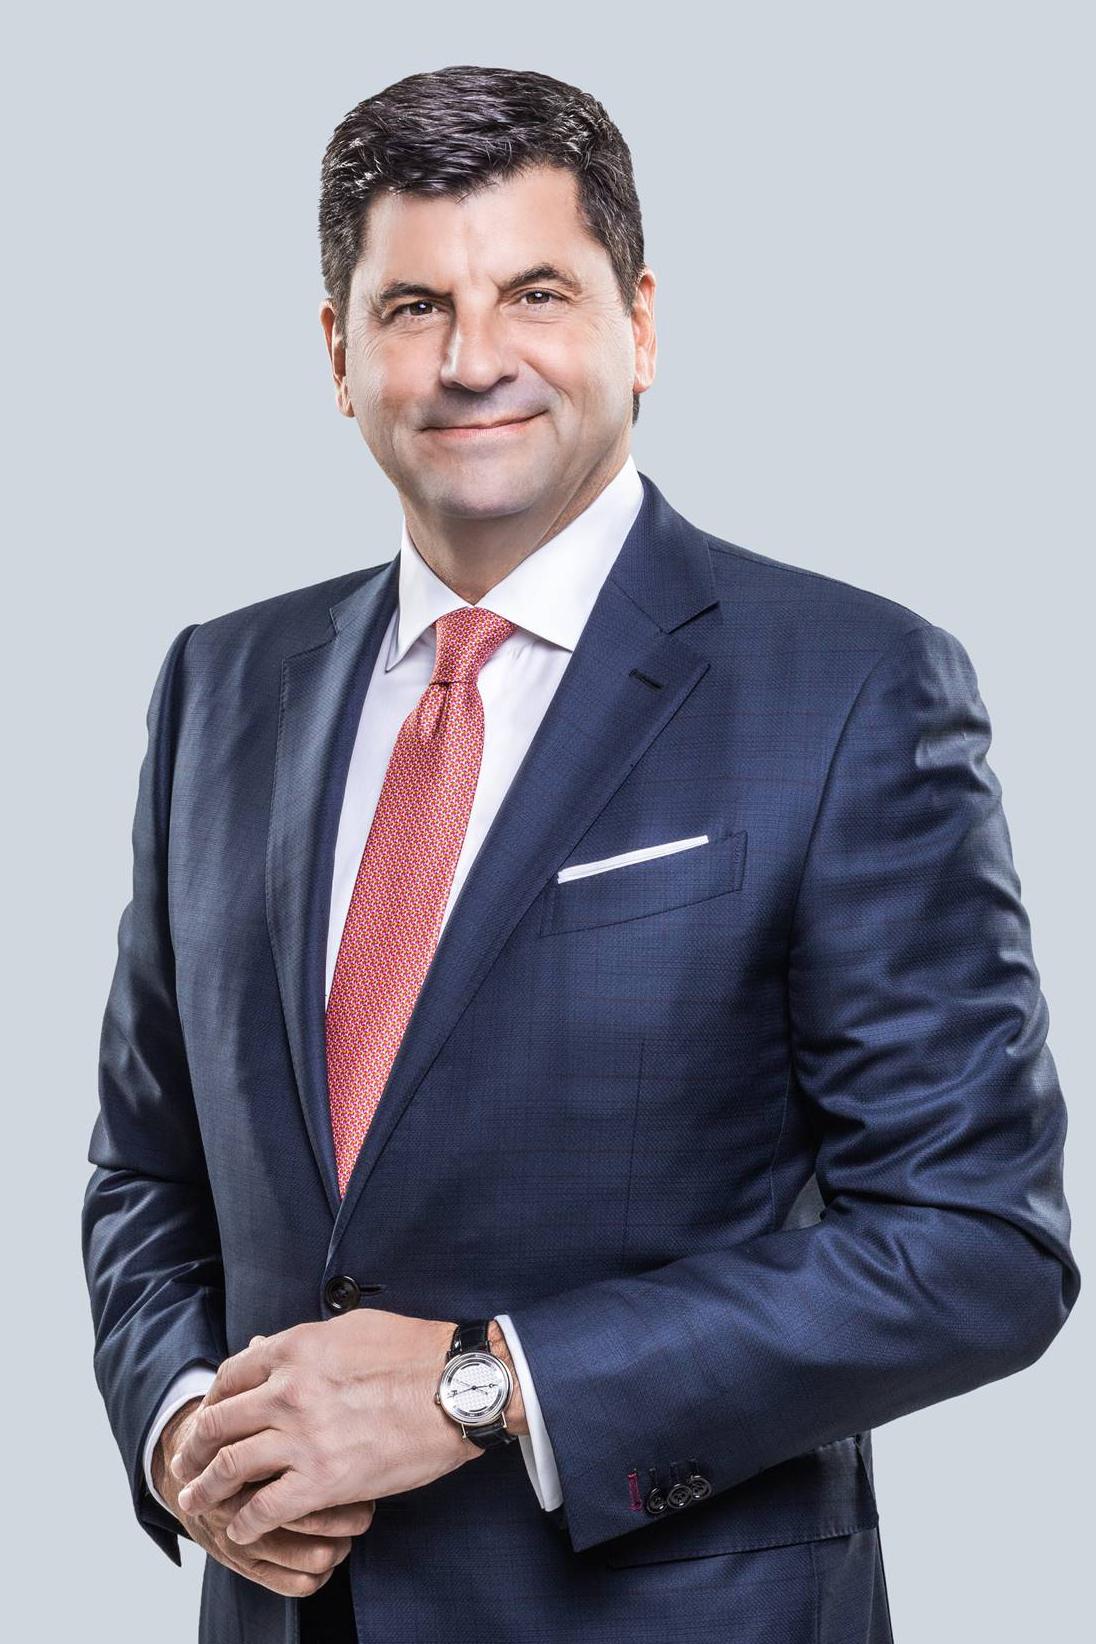 Michael Guyette